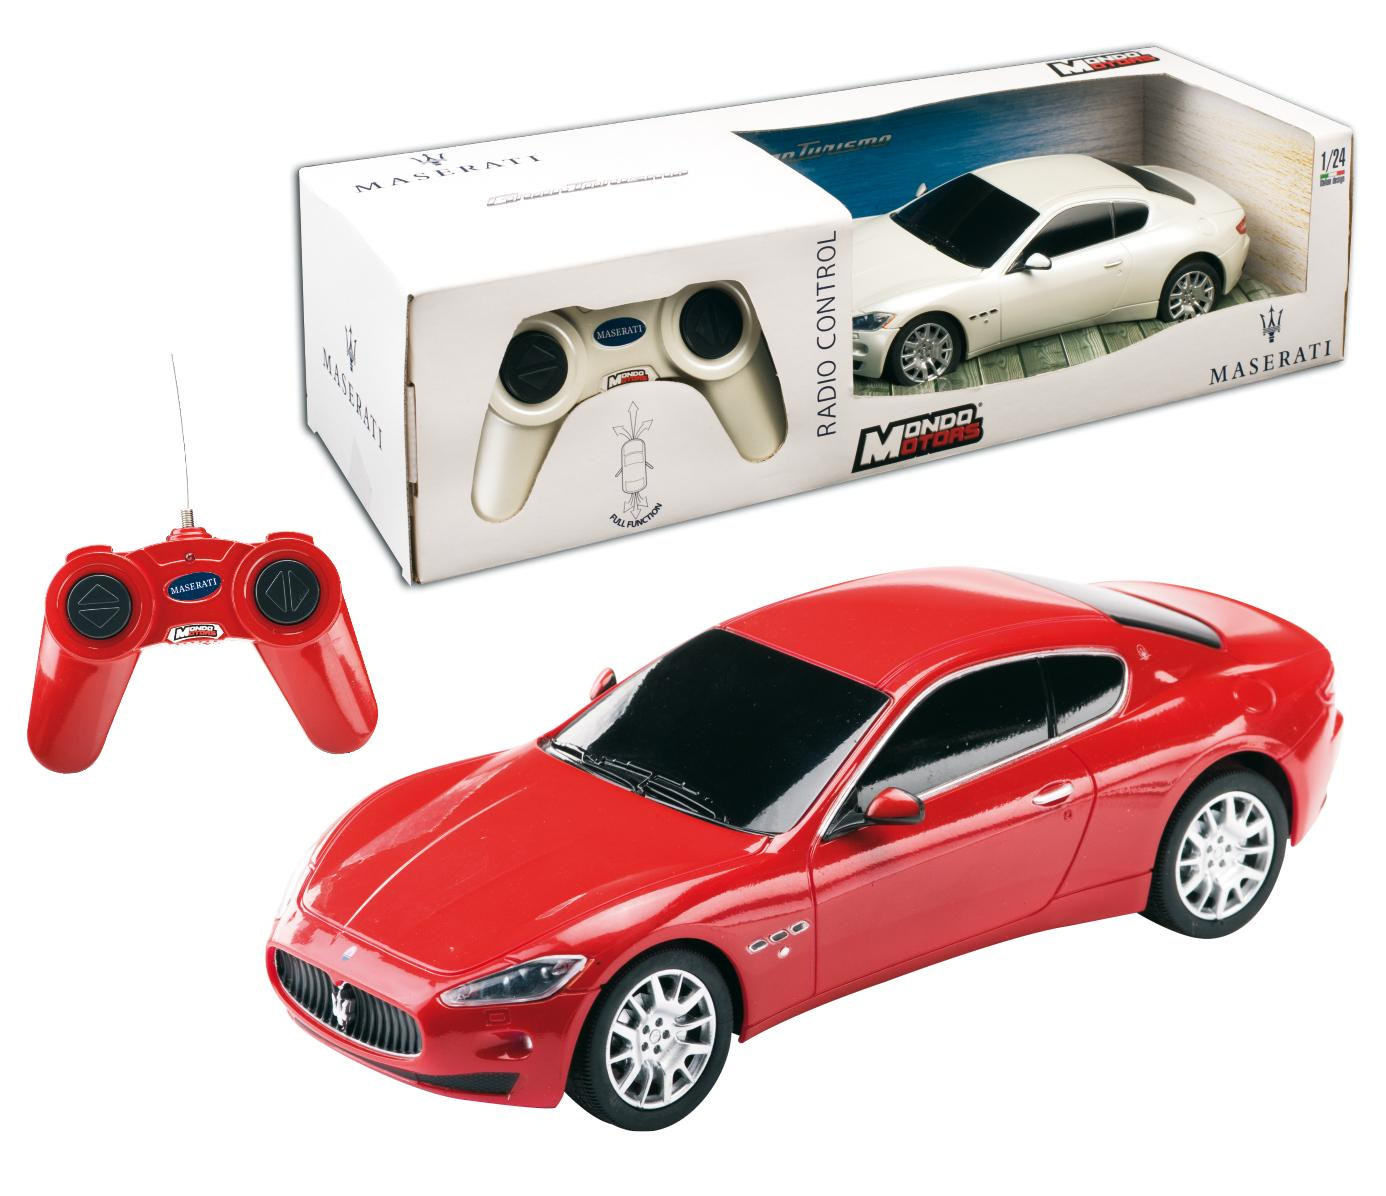 RC - Maserati Gran Turismo - 1:24